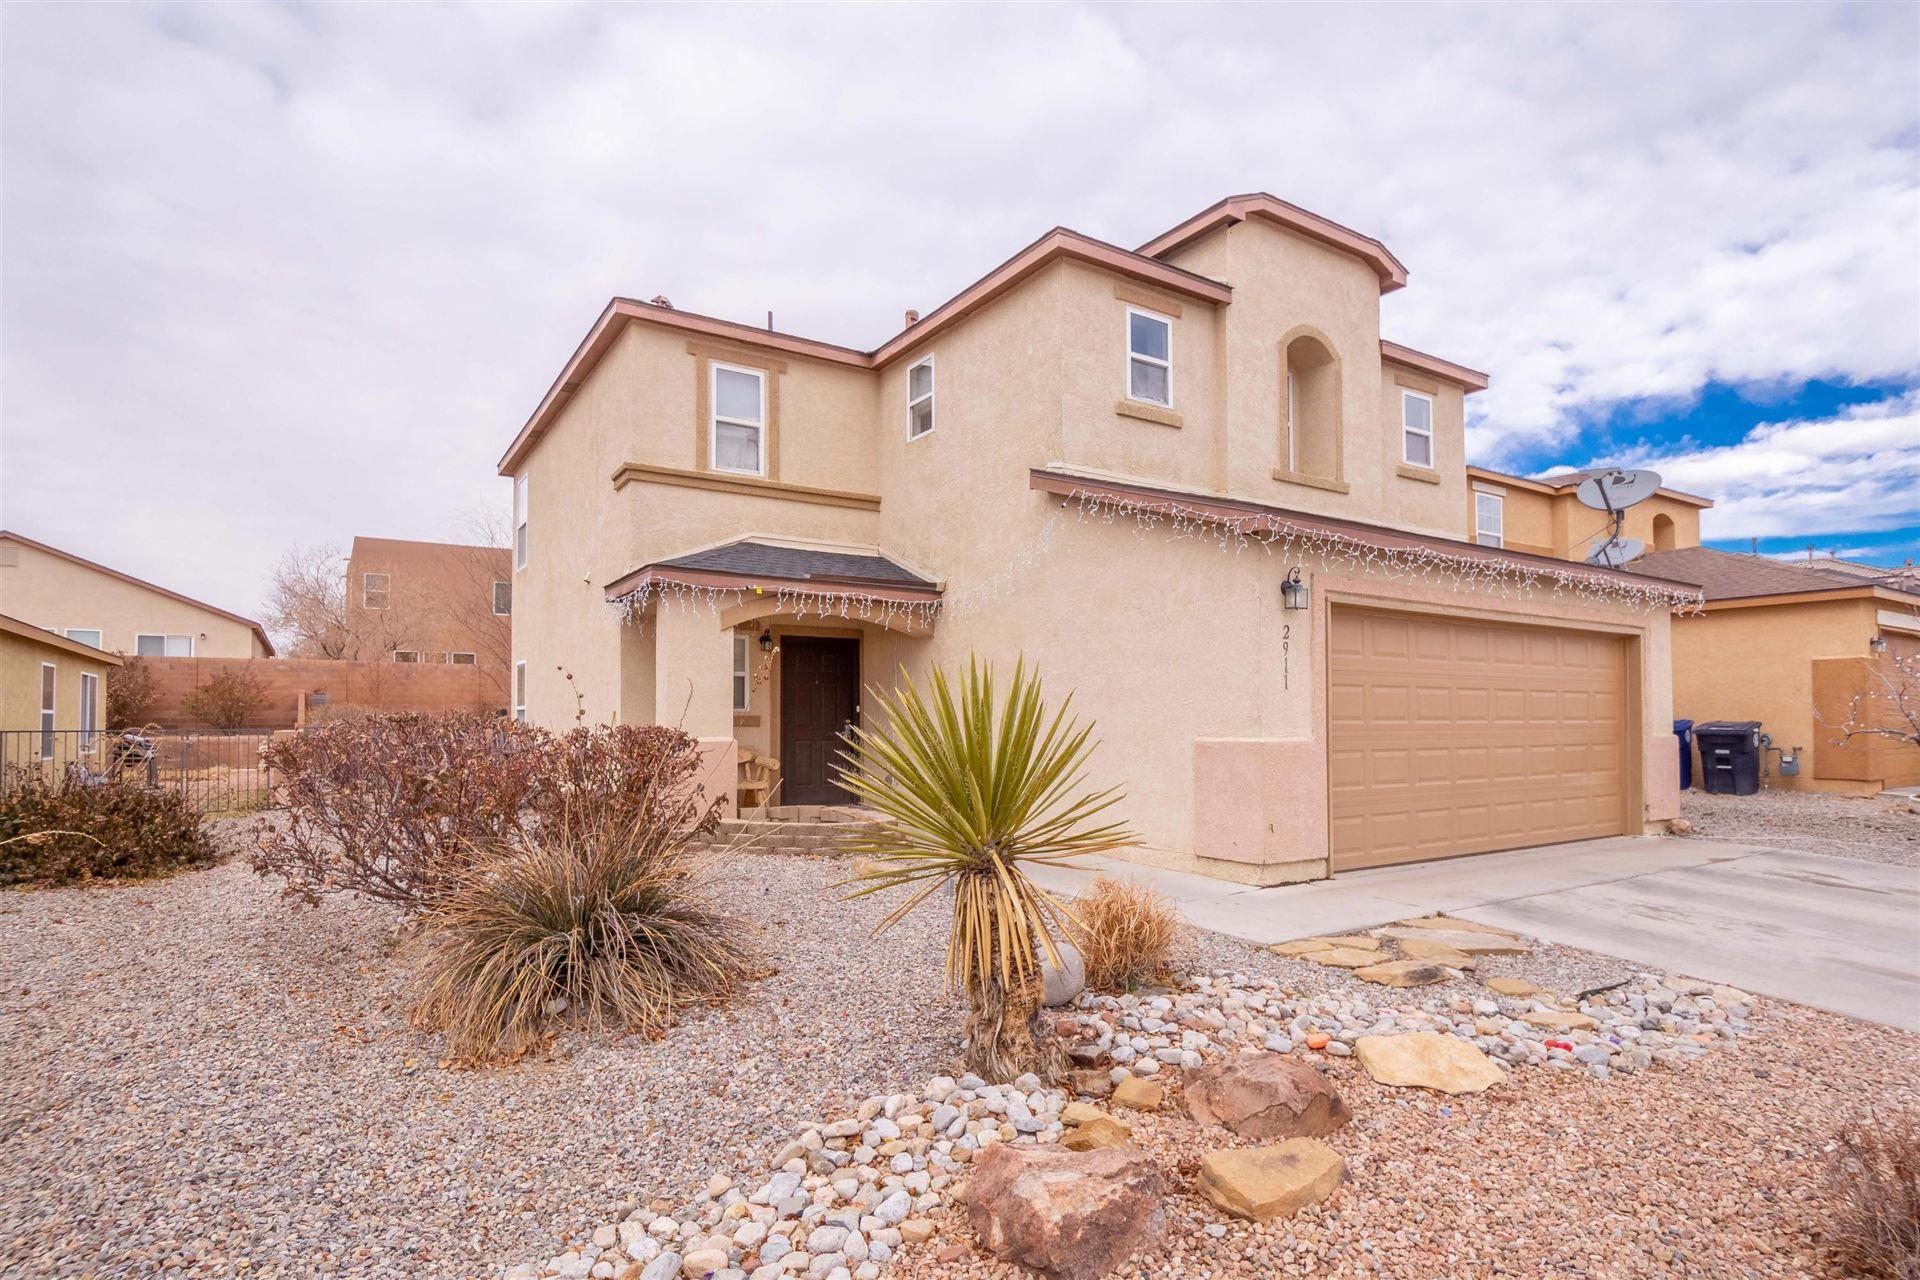 Photo of 2911 RICHARDSON Way SW, Albuquerque, NM 87121 (MLS # 984199)